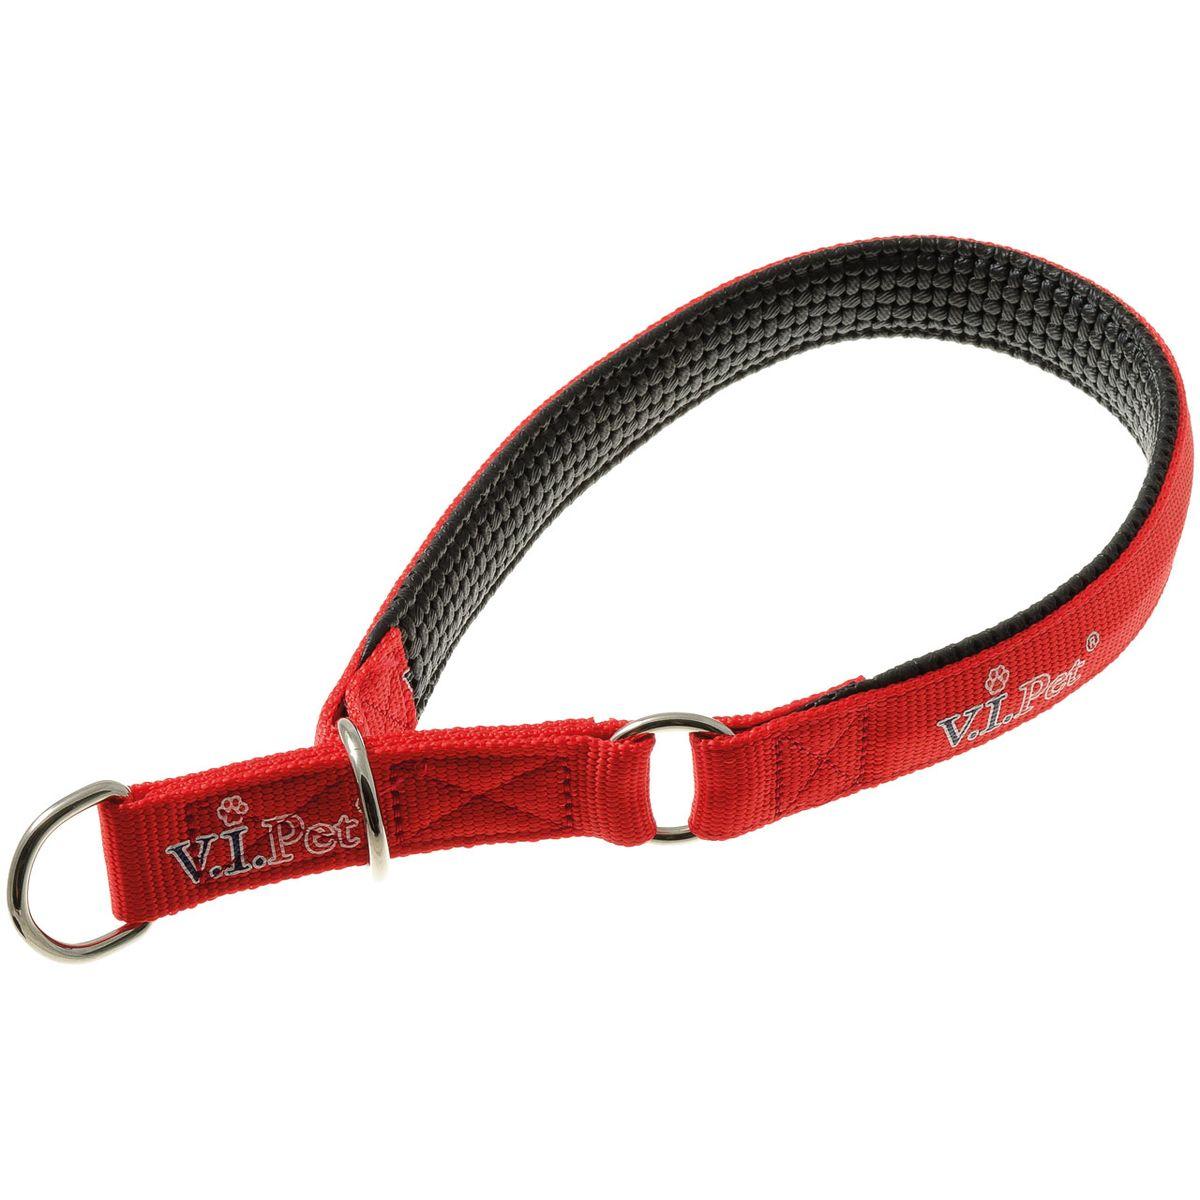 Ошейник-полуудавка с неопреновой подкладкой V.I.Pet (красный) 25мм(50-60см)75-2083